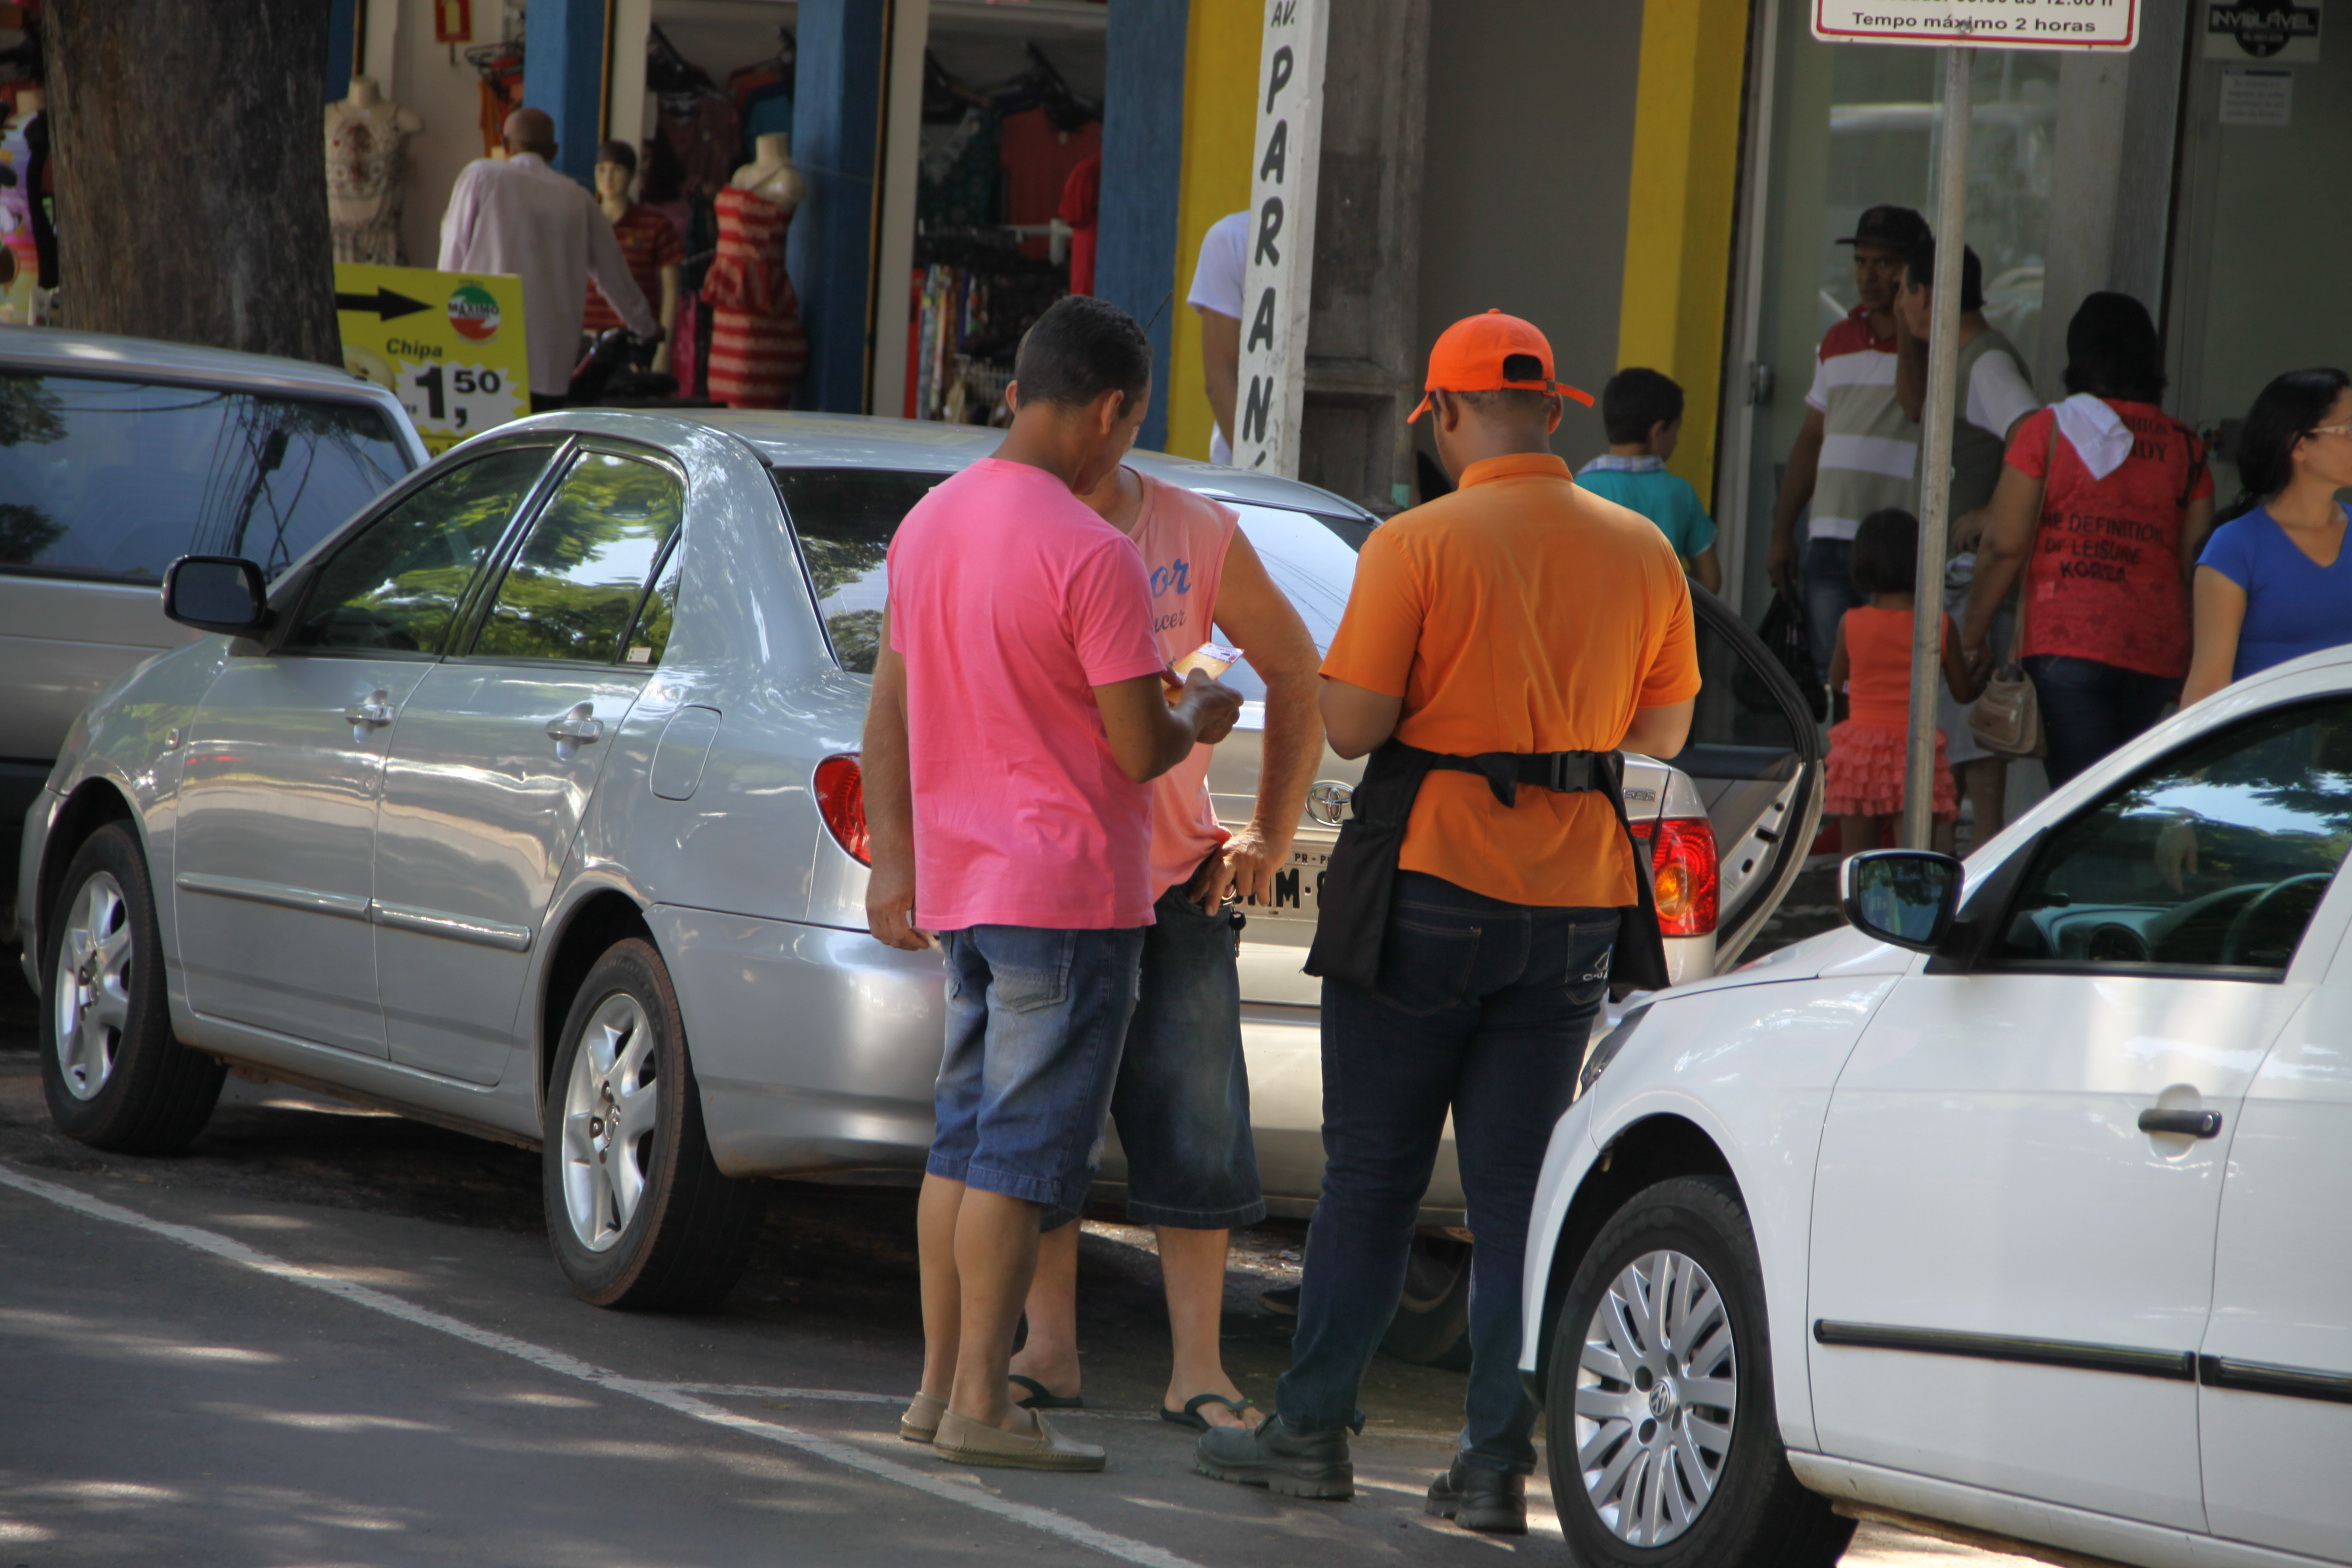 EXCLUSIVO Prefeitura de Umuarama rescinde contrato da Zona Azul com a Caiuá